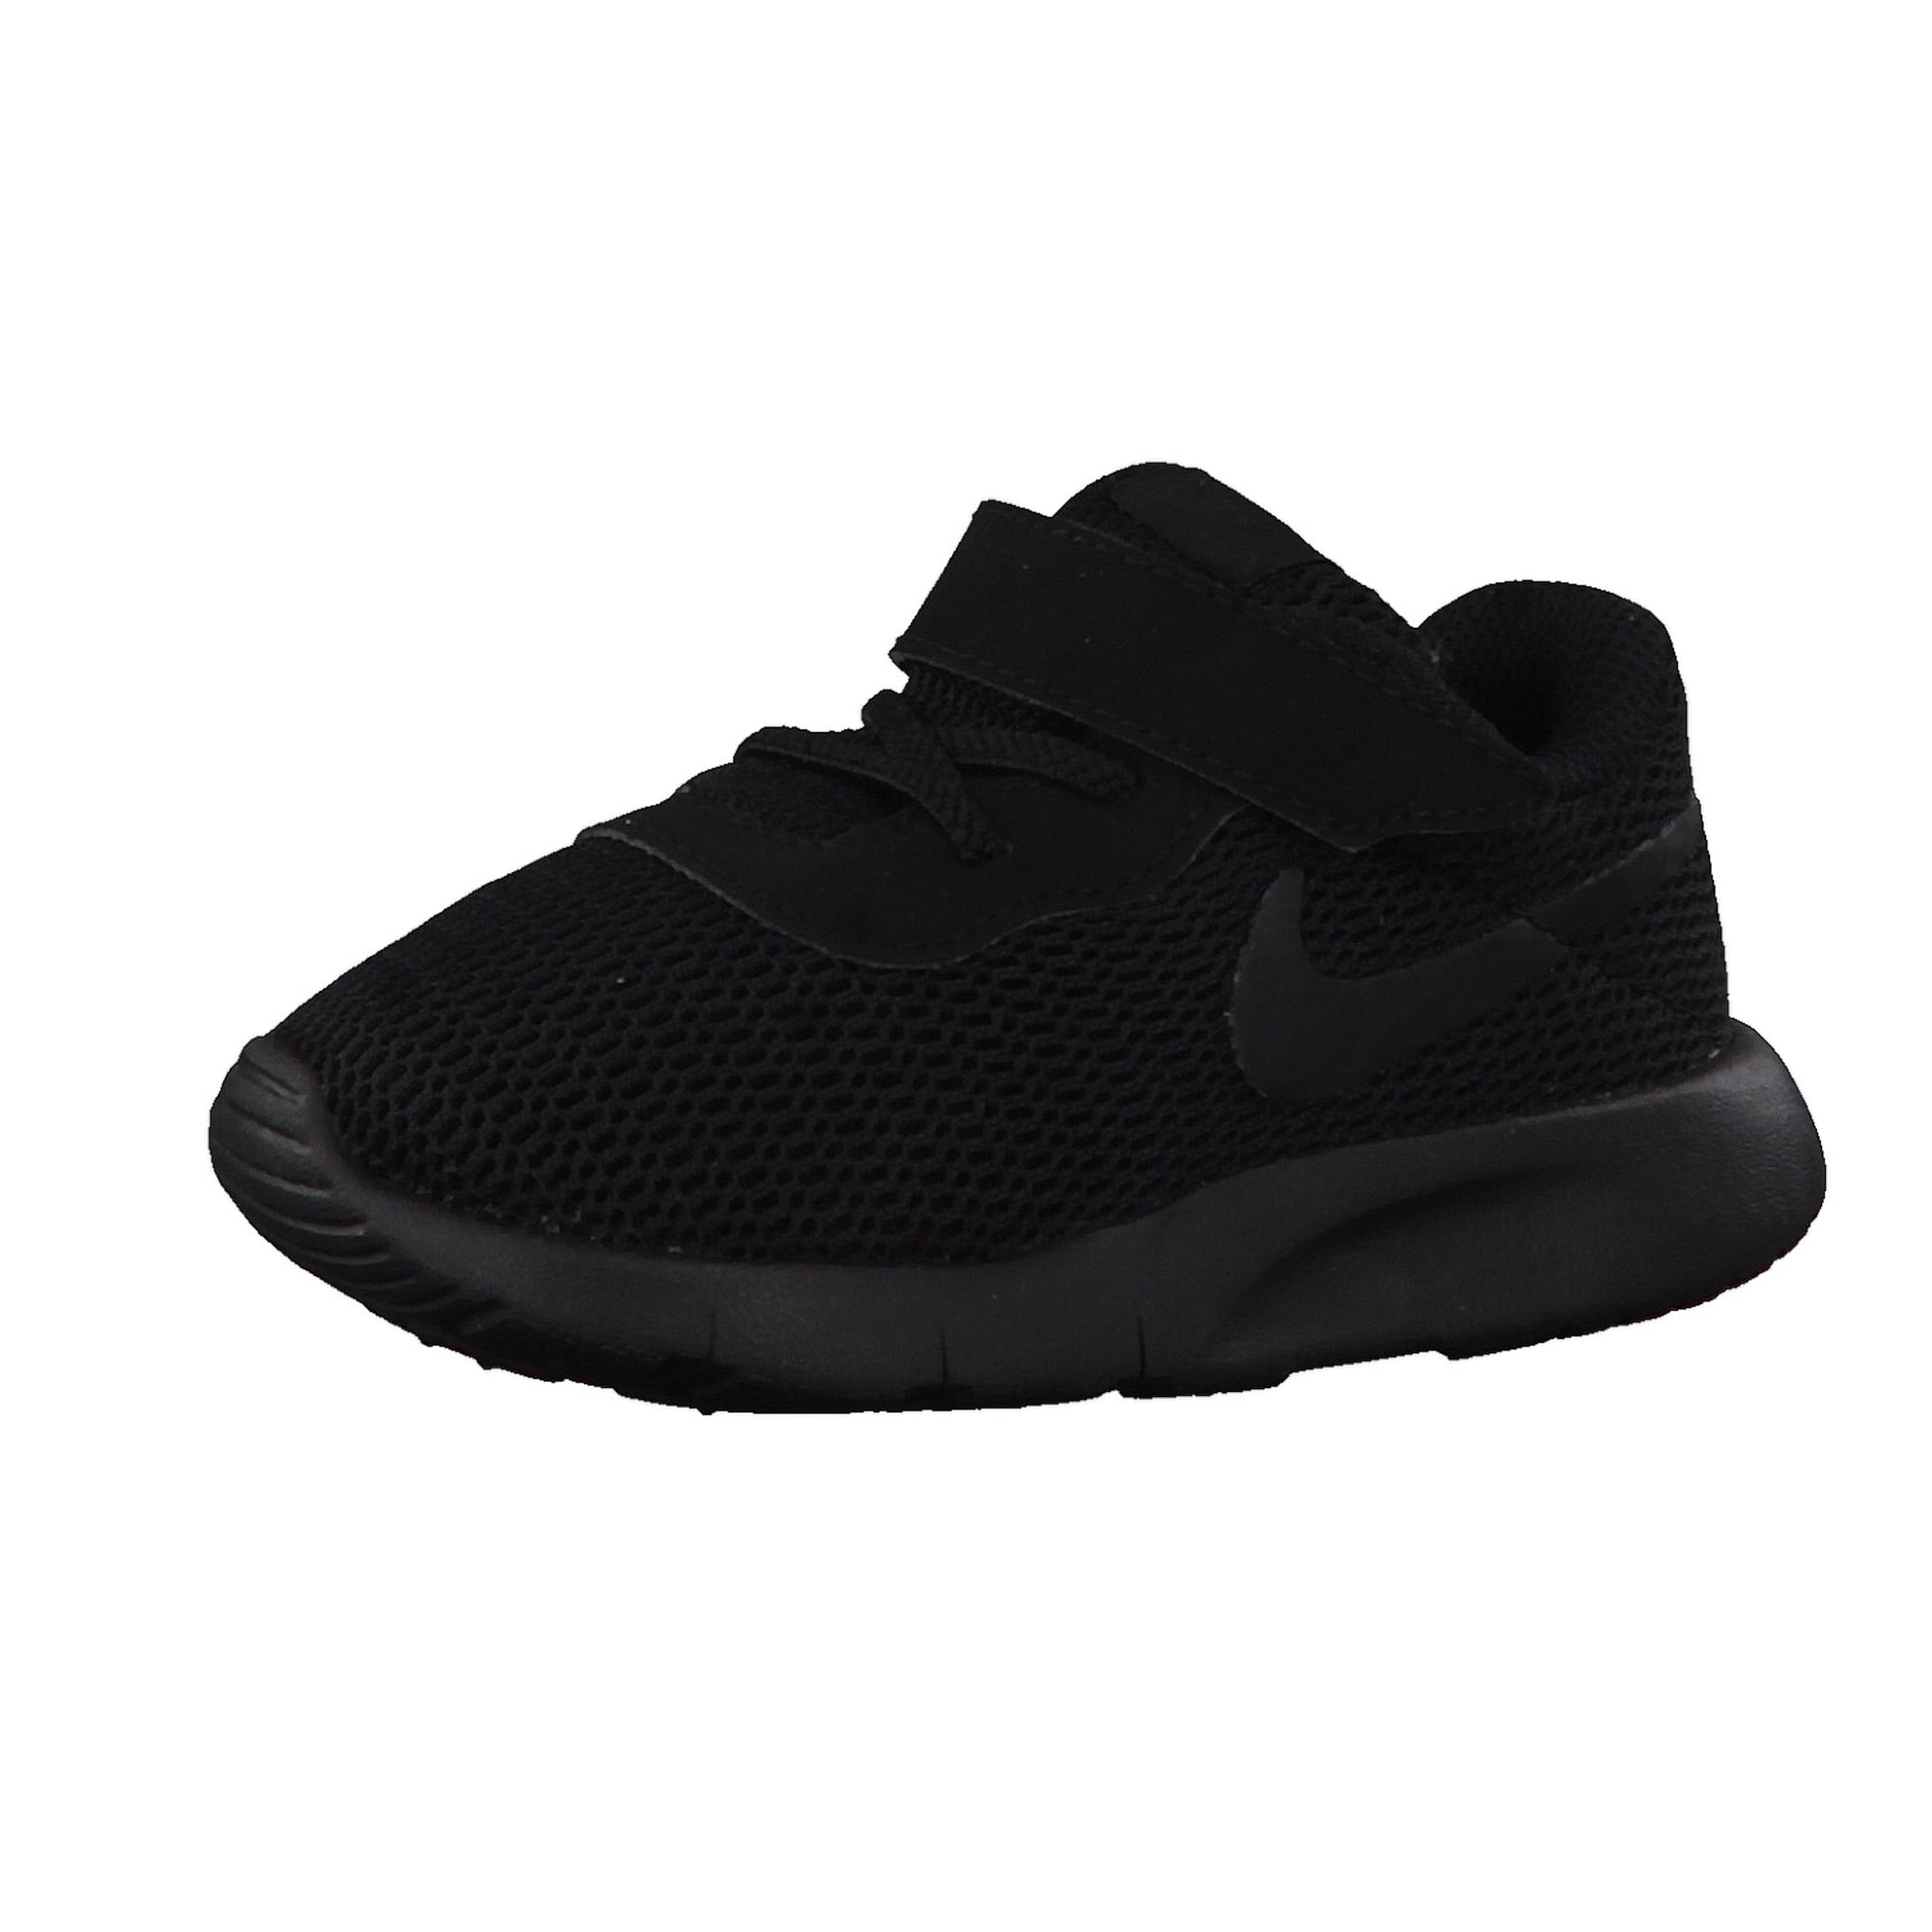 NIKE Sportiniai batai 'Tanjun' juoda